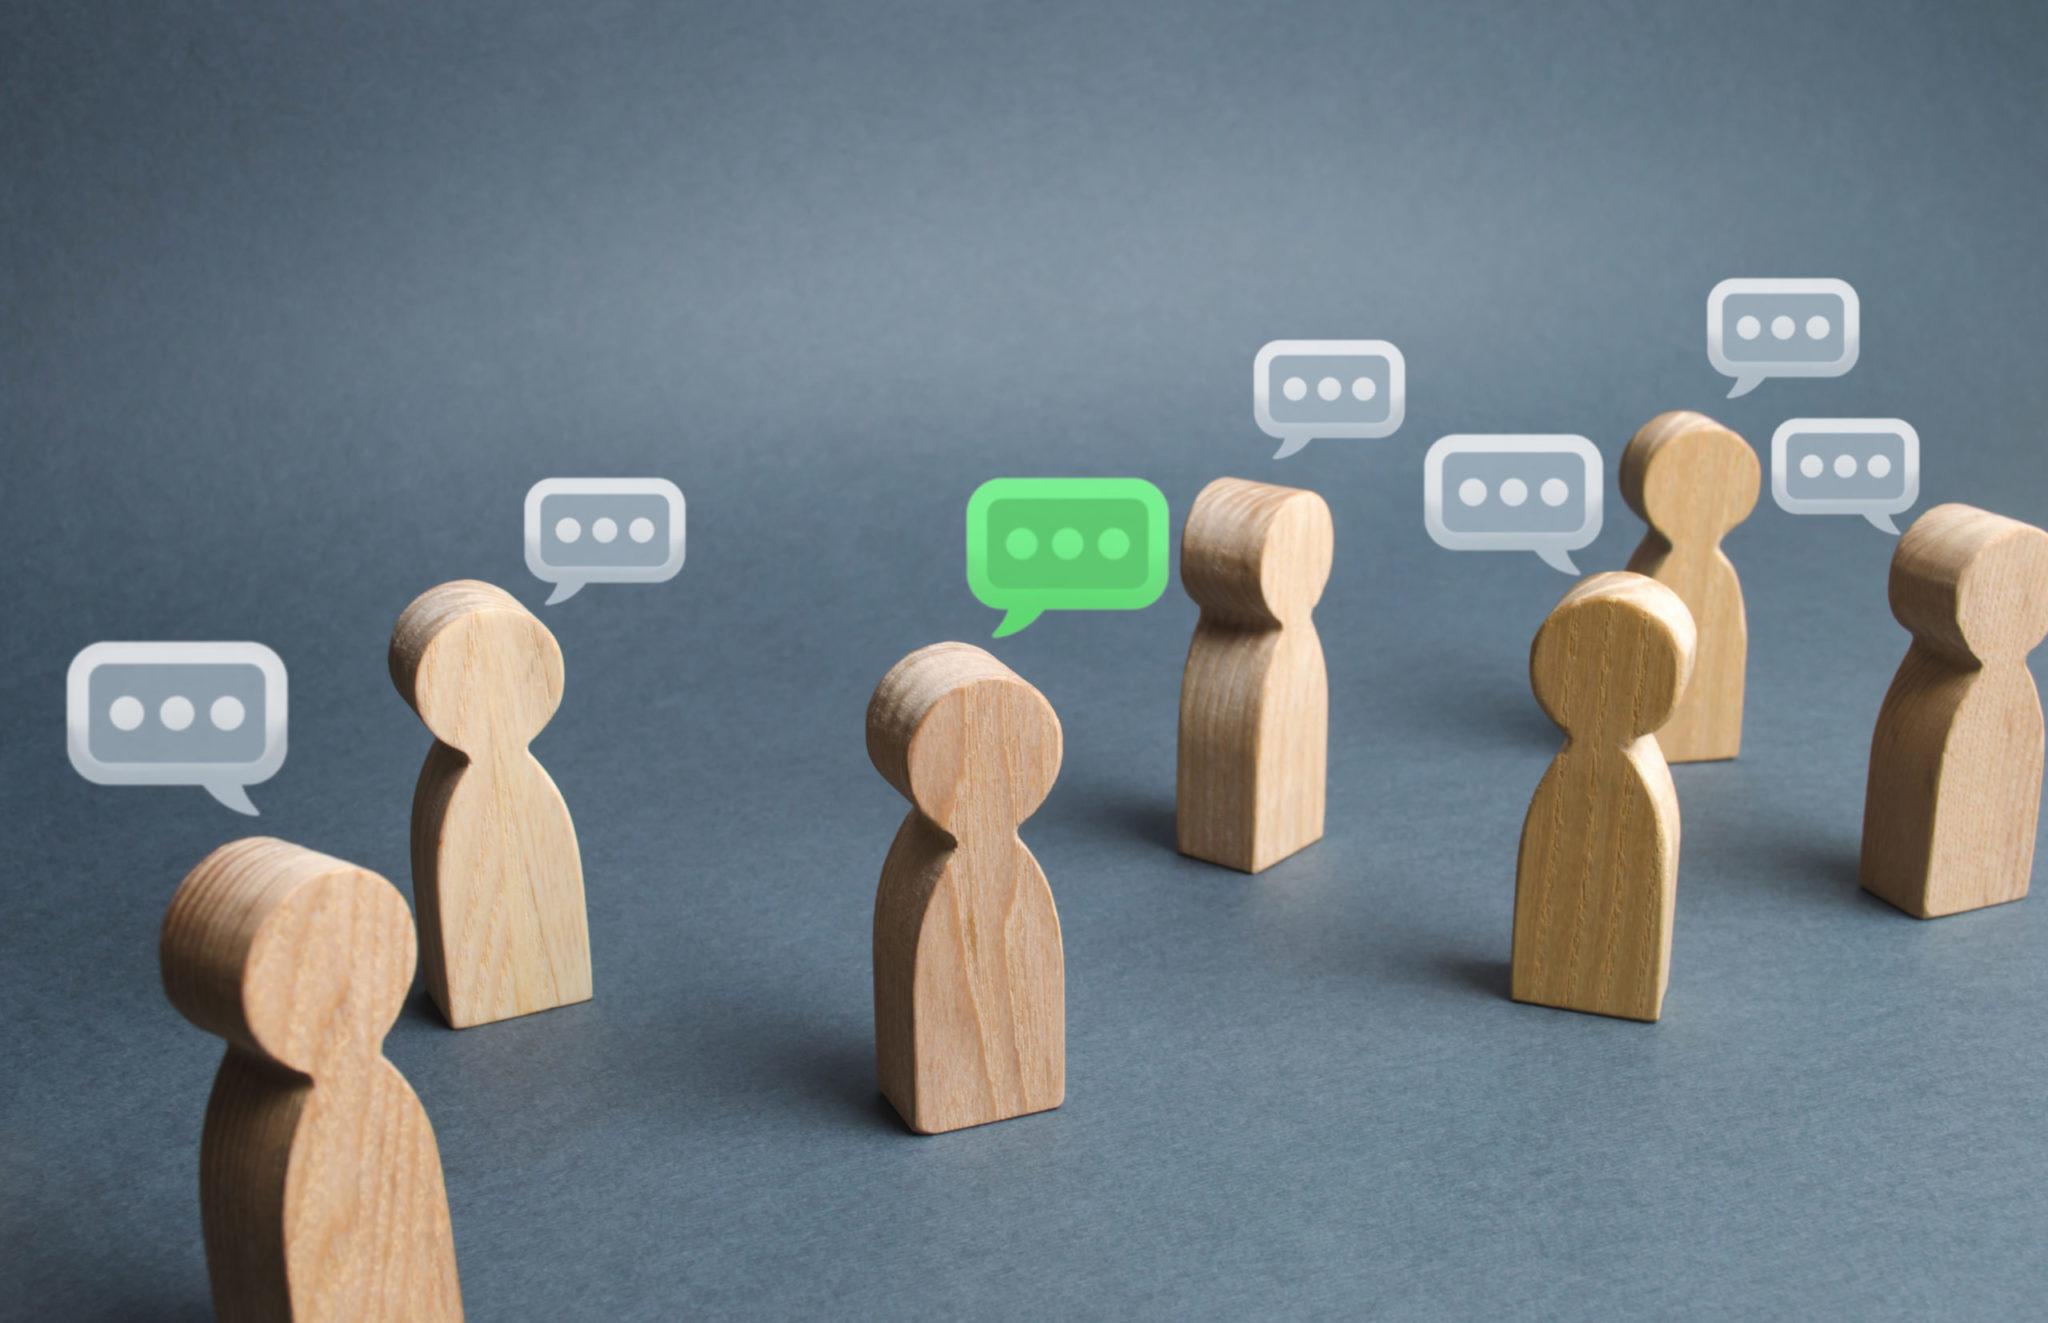 Wooden Figures Talking